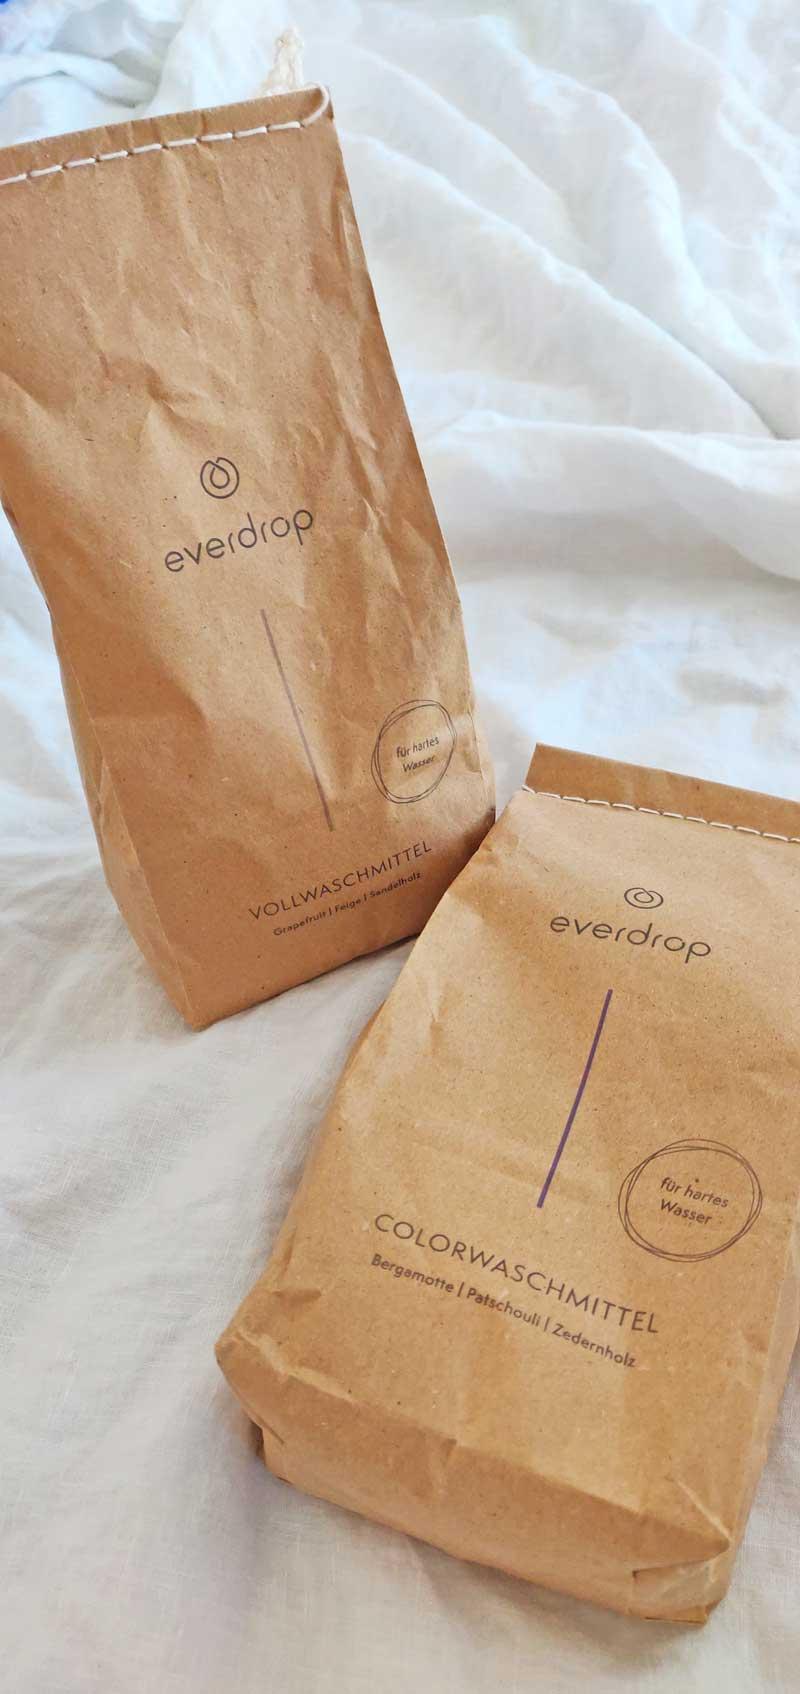 Nachhaltig verpackt und abgestimmt auf den Härtegrad deines Wohnortes © Women30plus